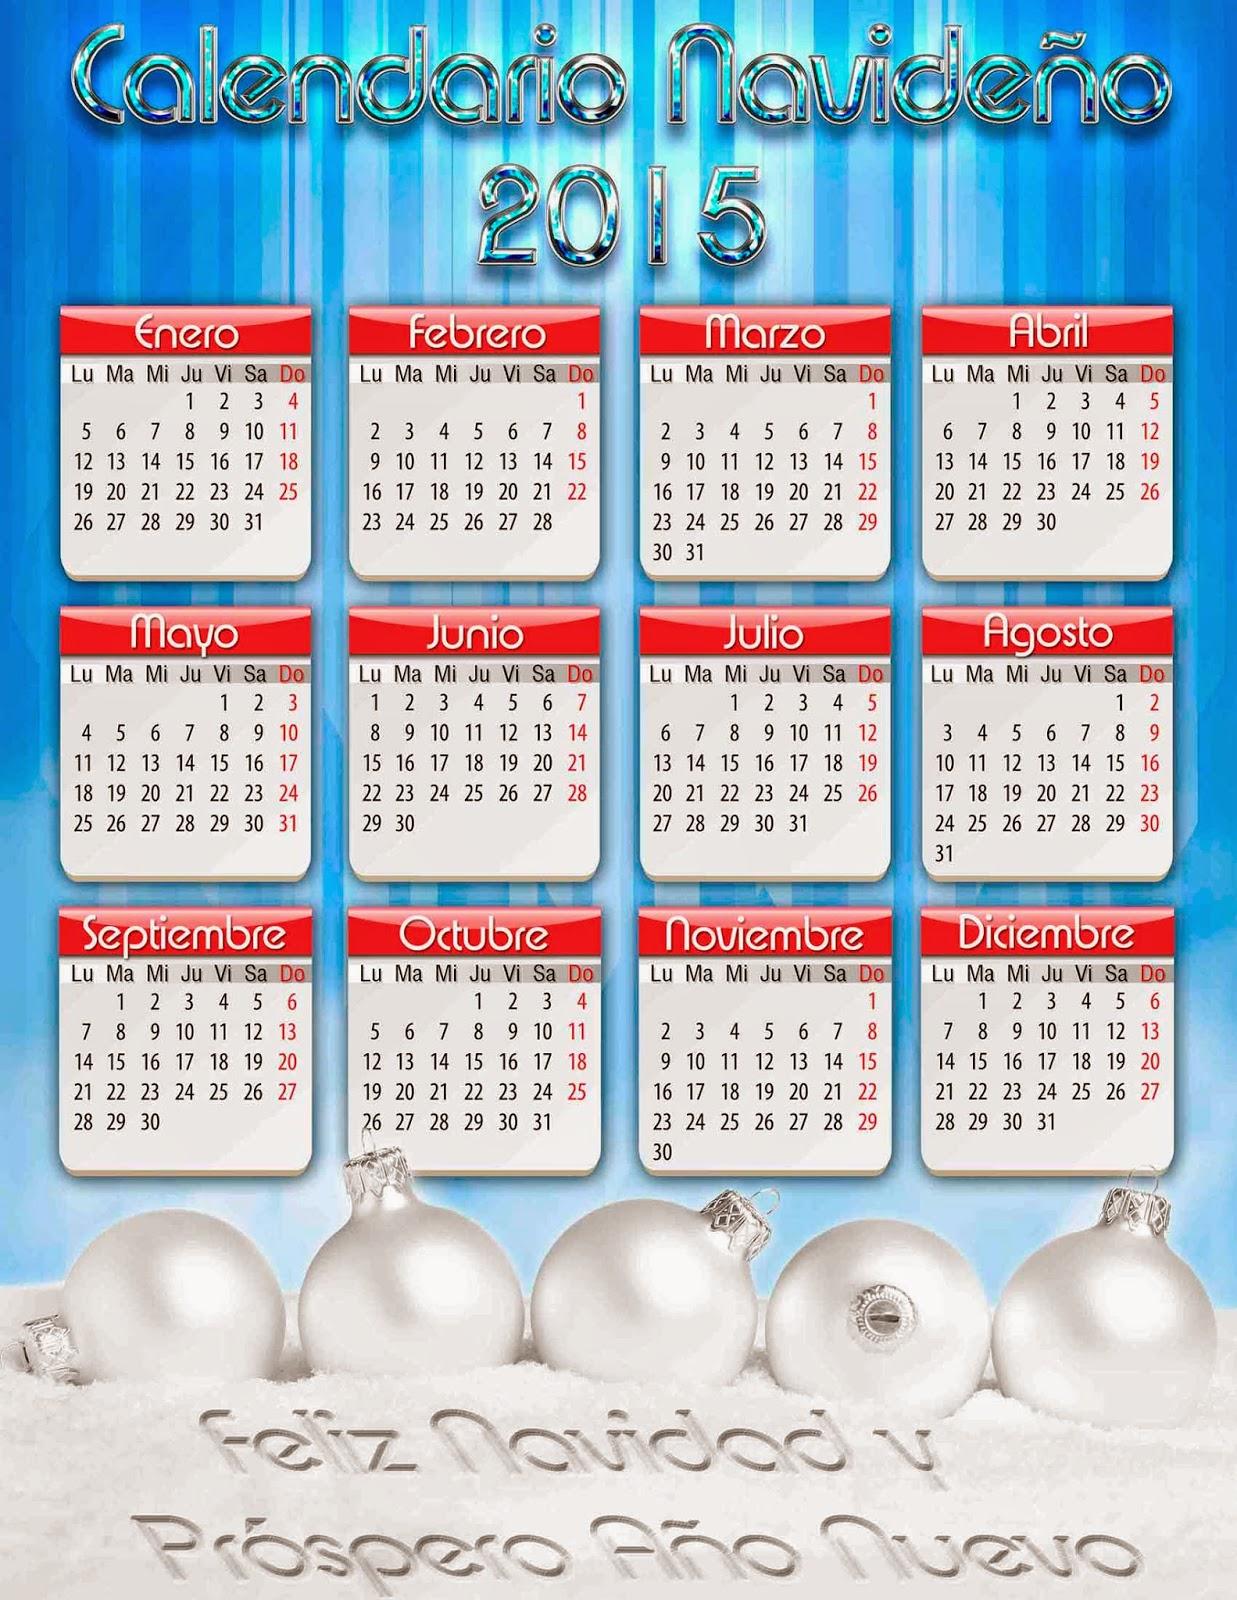 cortina azul con hojas de un calendario